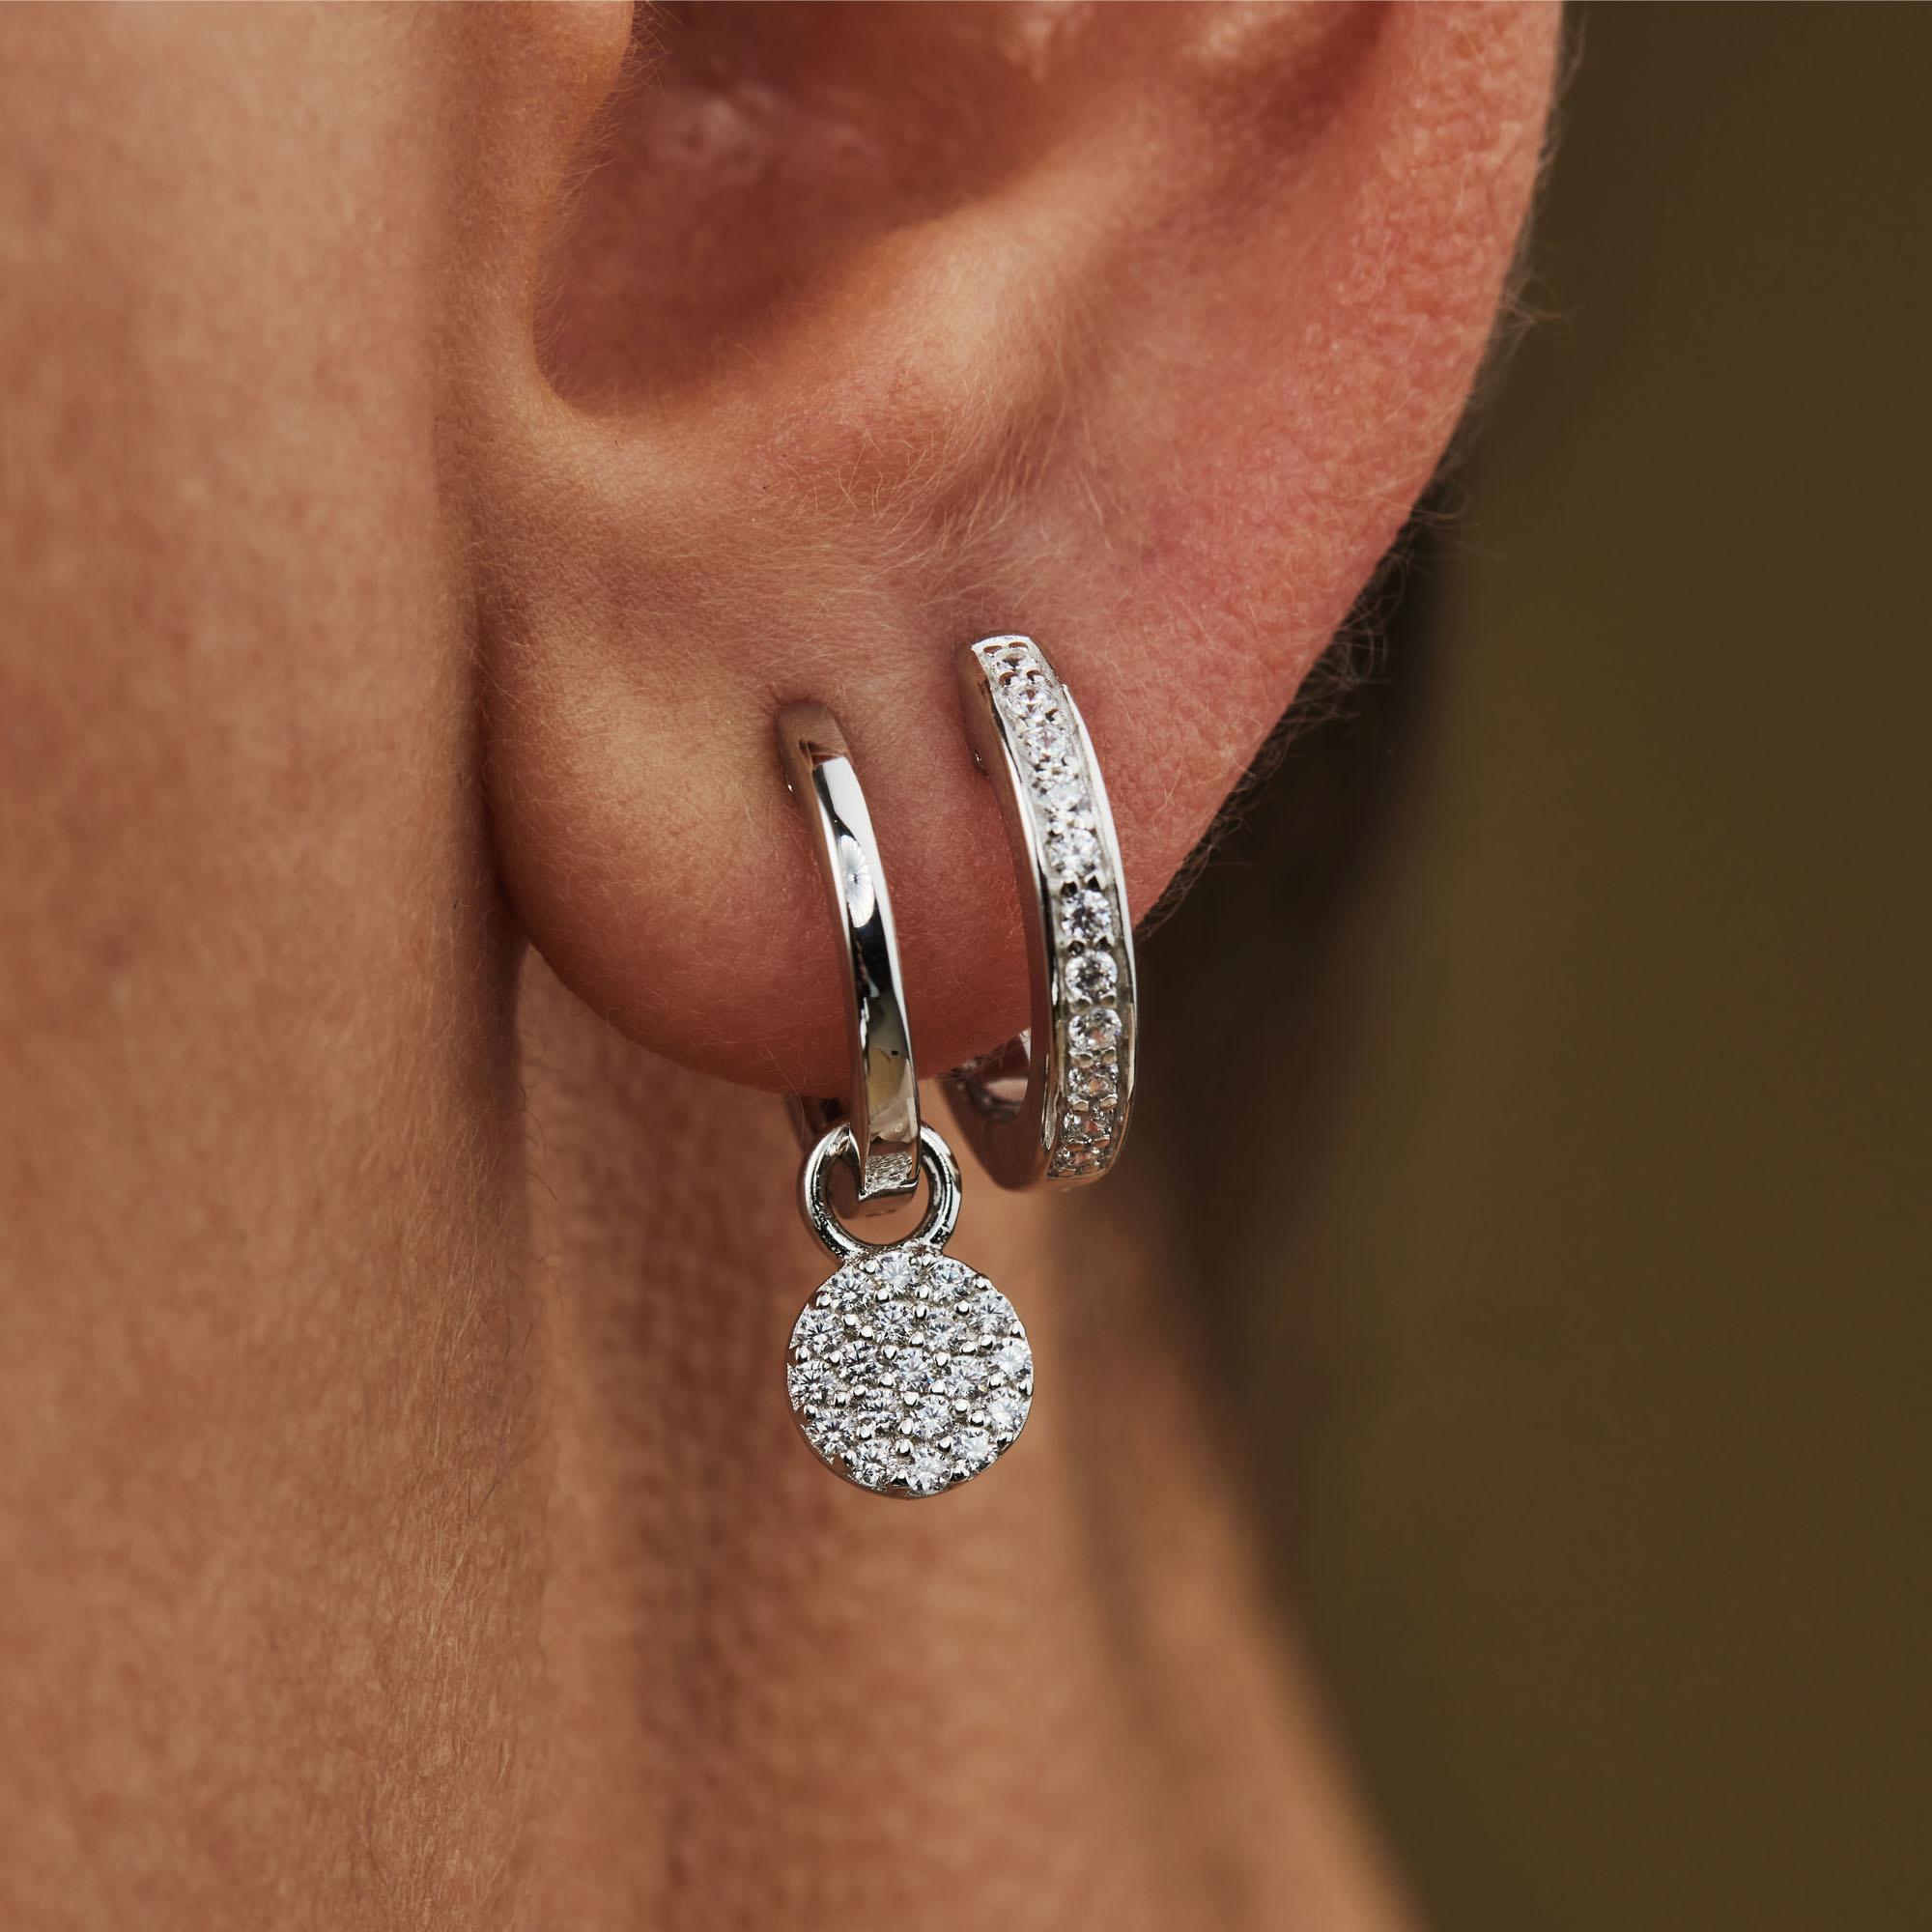 Selected Jewels Mila Elodie 925 sterling silver hoop earrings with zirconia